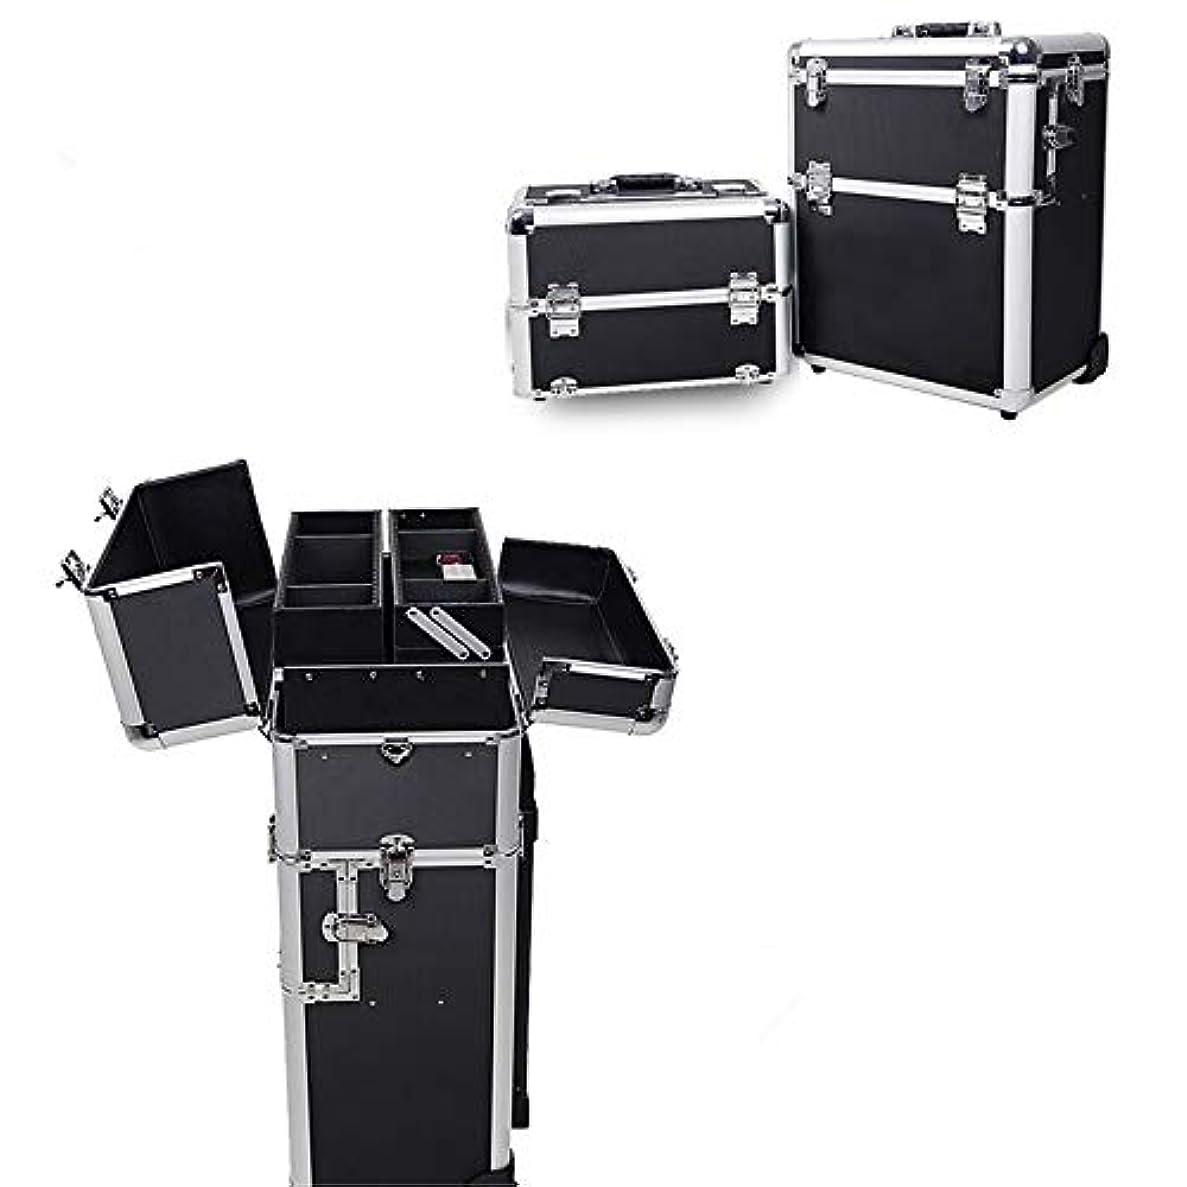 ストライプ上ハント化粧オーガナイザーバッグ 旅行メイクバッグ3層スーツケースメイク化粧品バッグポータブルトイレタージュ化粧ケース 化粧品ケース